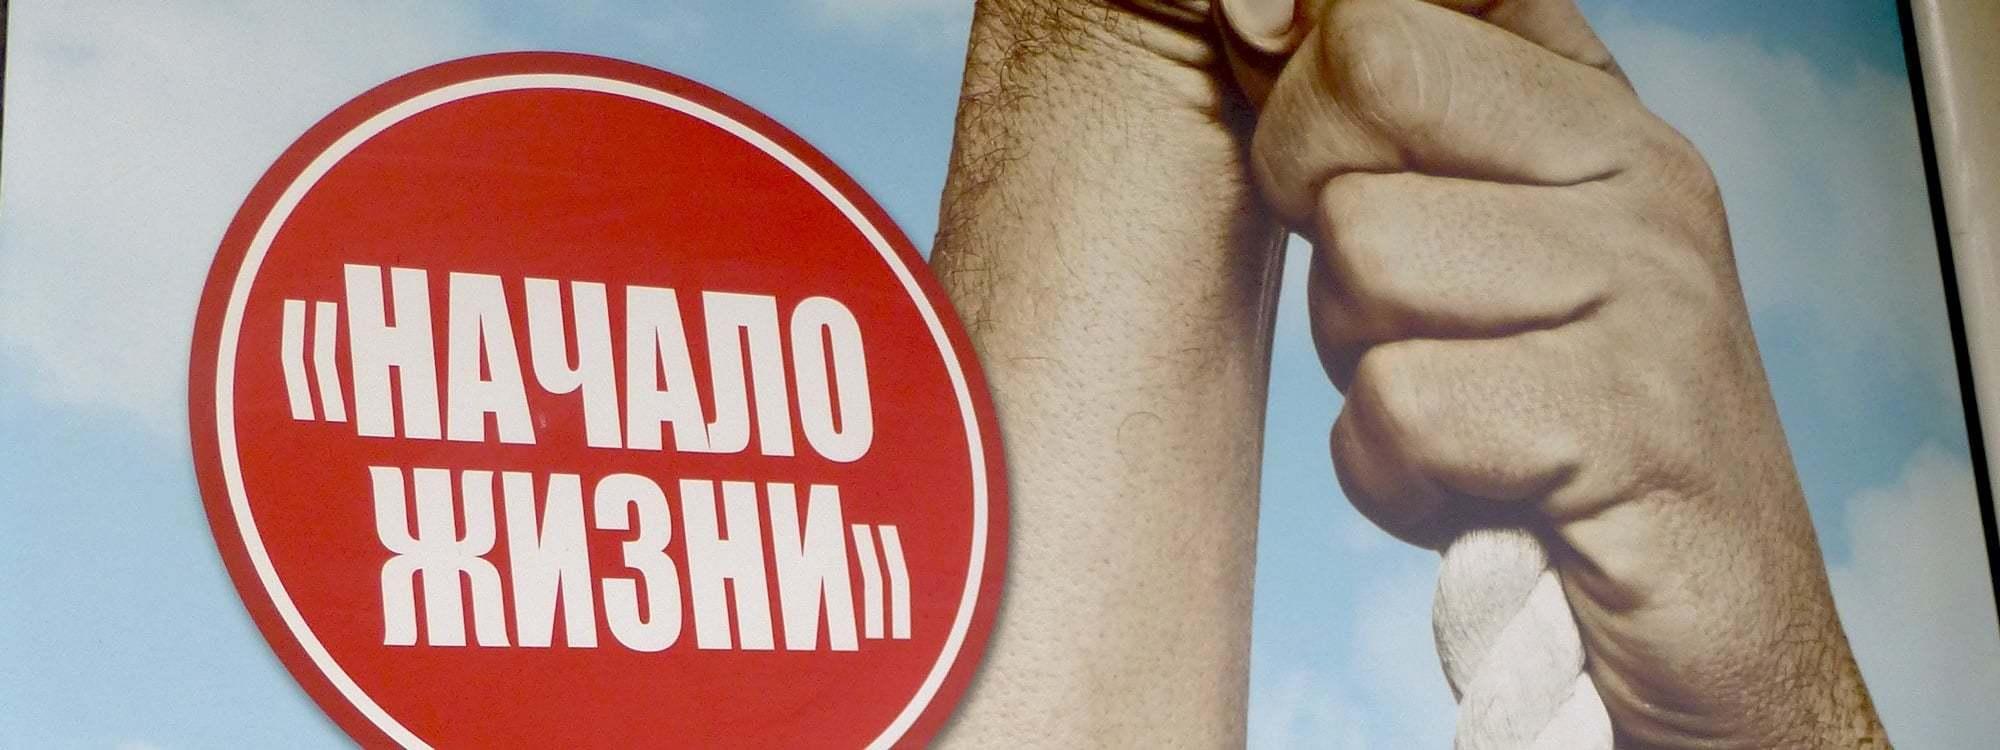 Reklamskylt i Moldavien